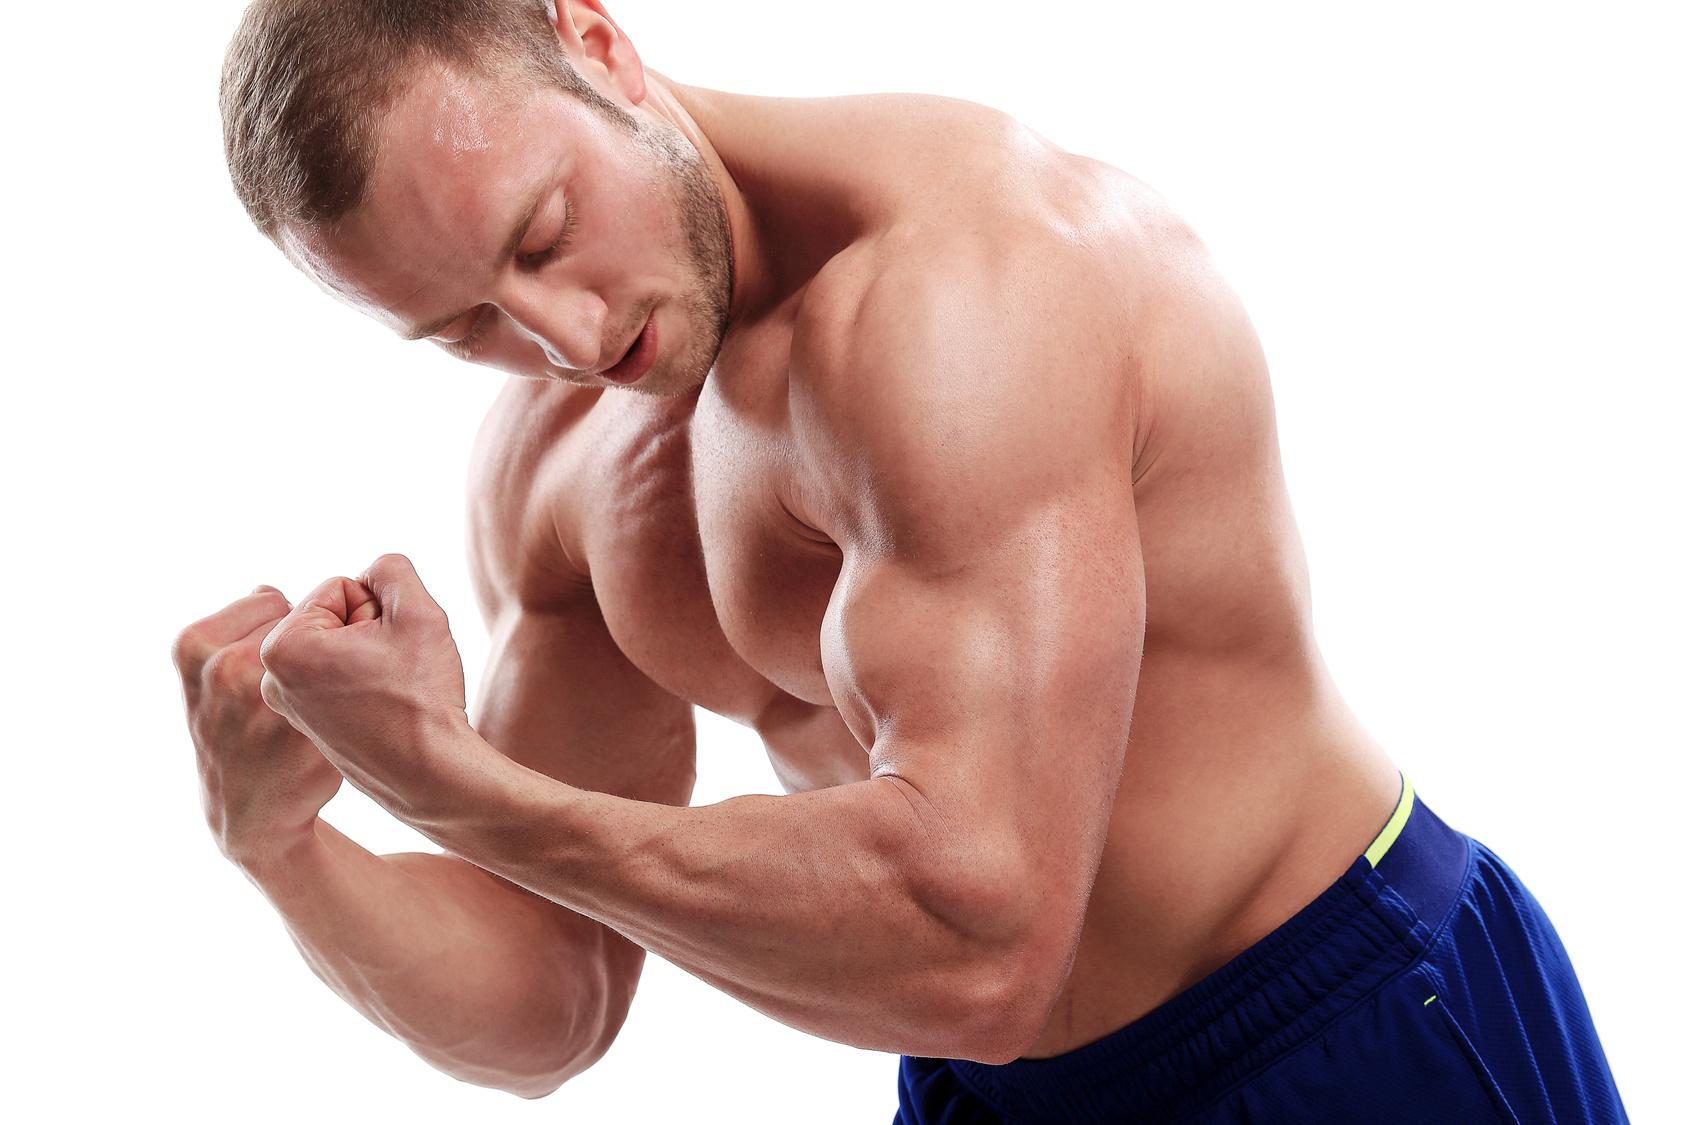 masa muscular y genética